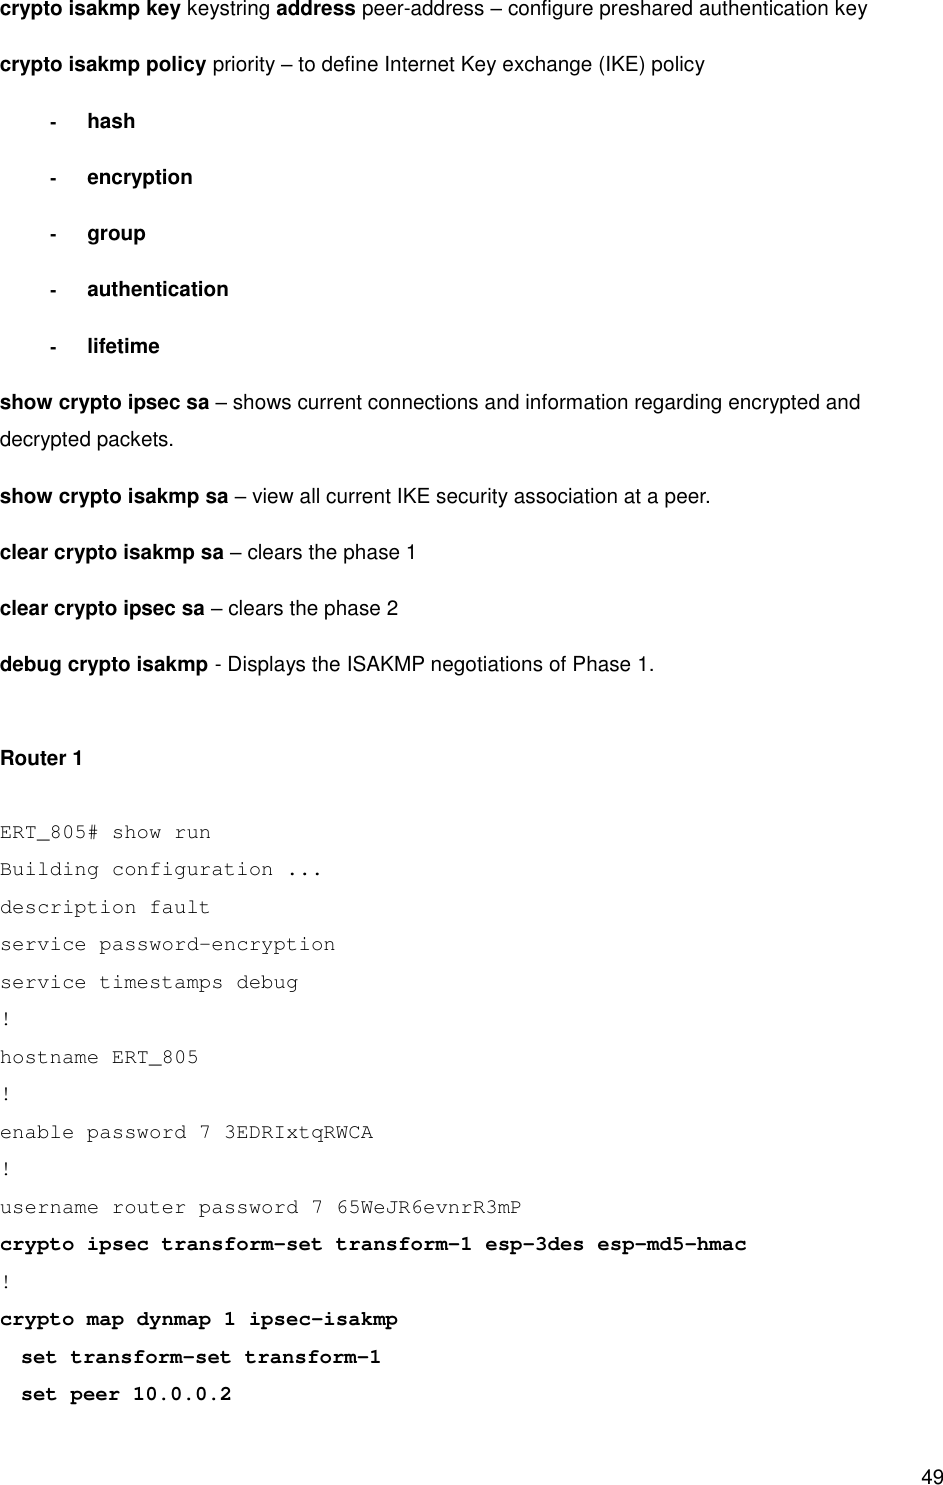 Planet Technology Ert 805 Users Manual EM ERT805